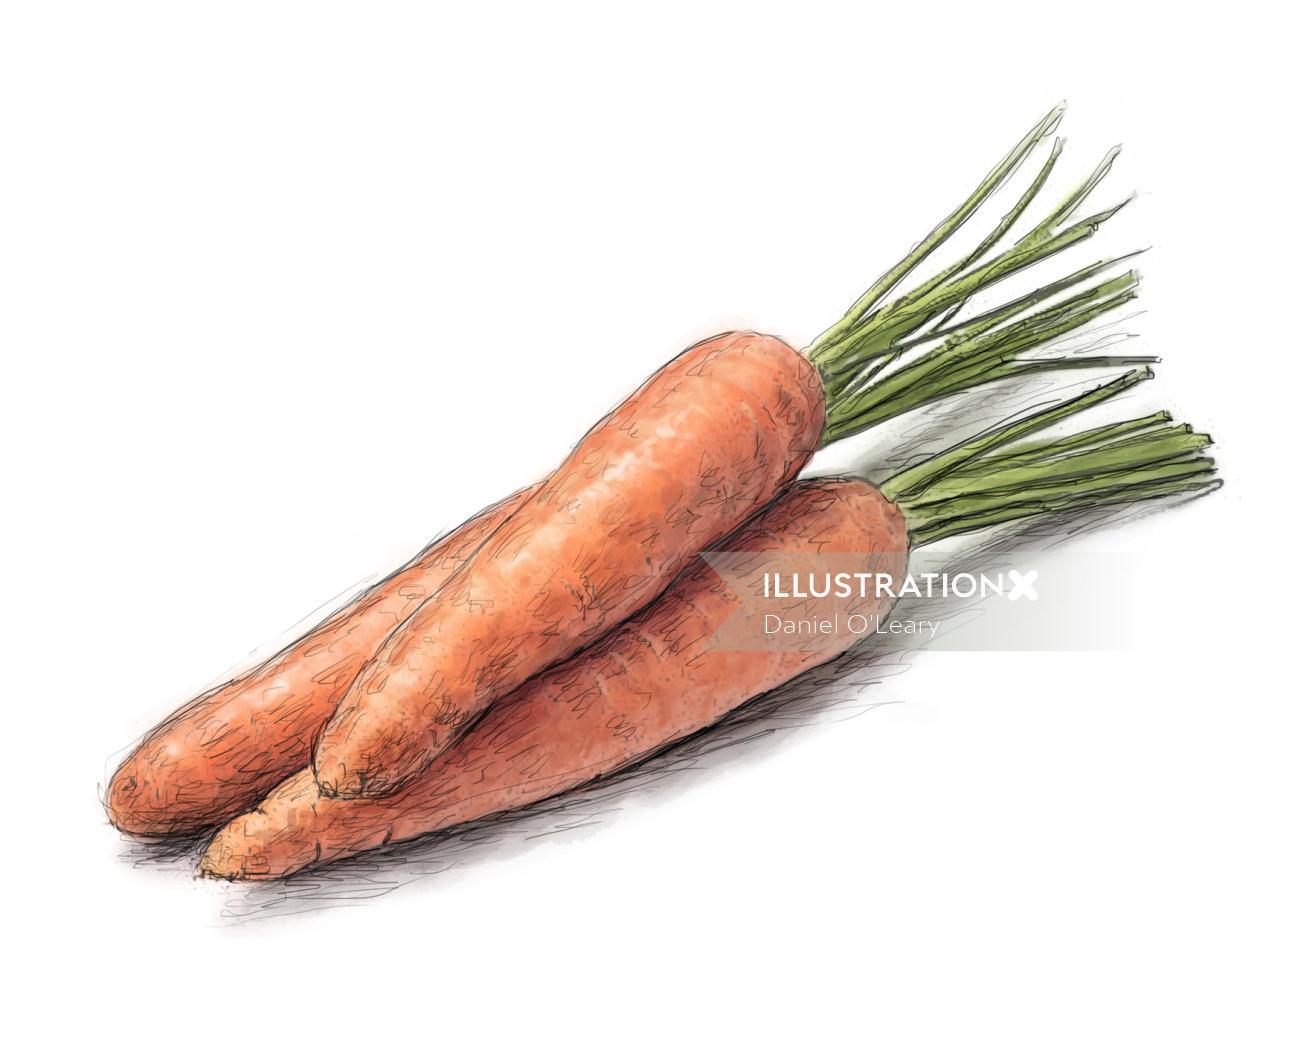 Digital art of Carrot vegetable